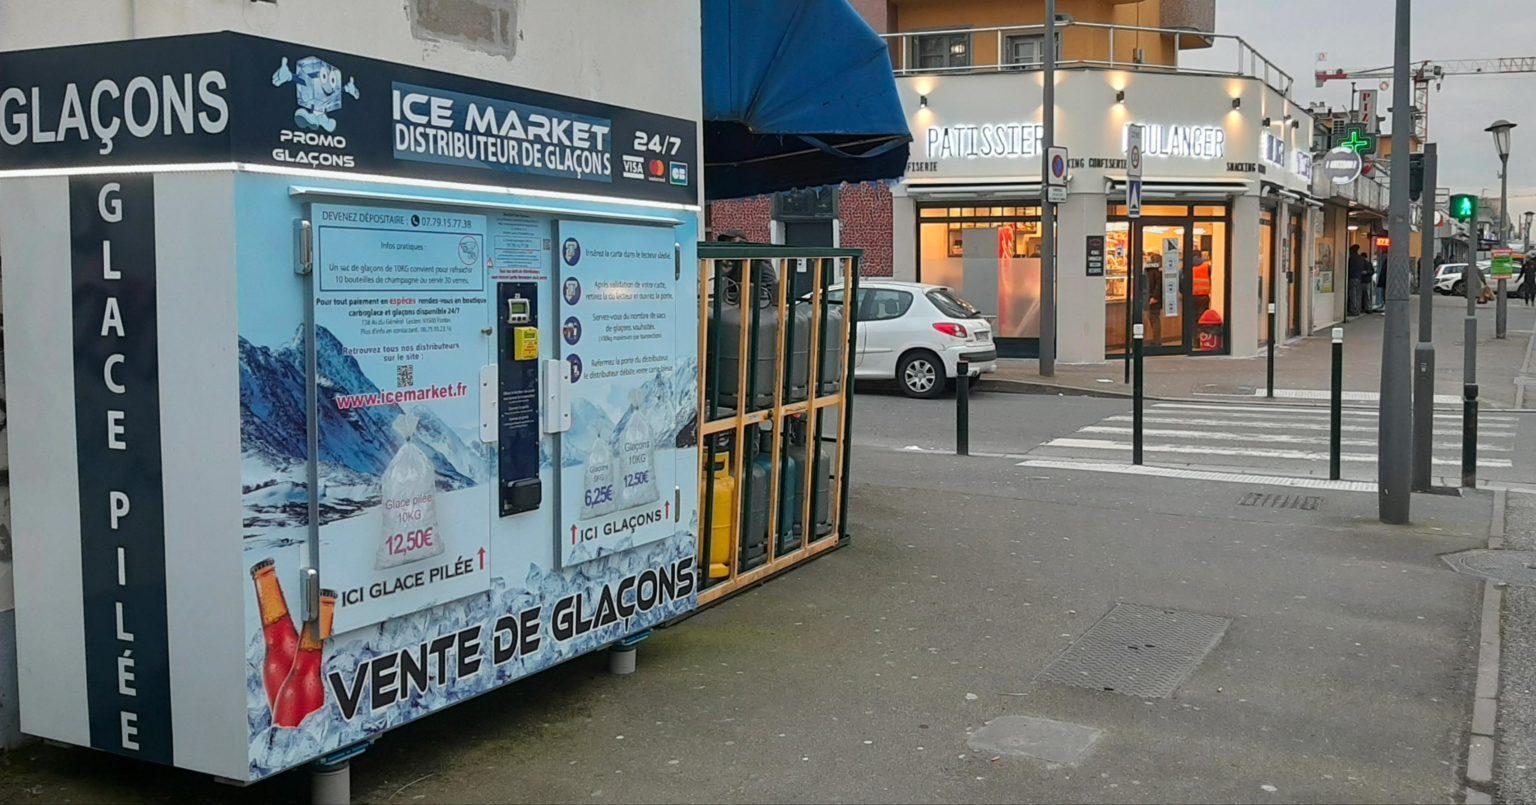 Distribteur-automatique-de-glacons-et-glace-pilee-epicerie-Miranda-dugny